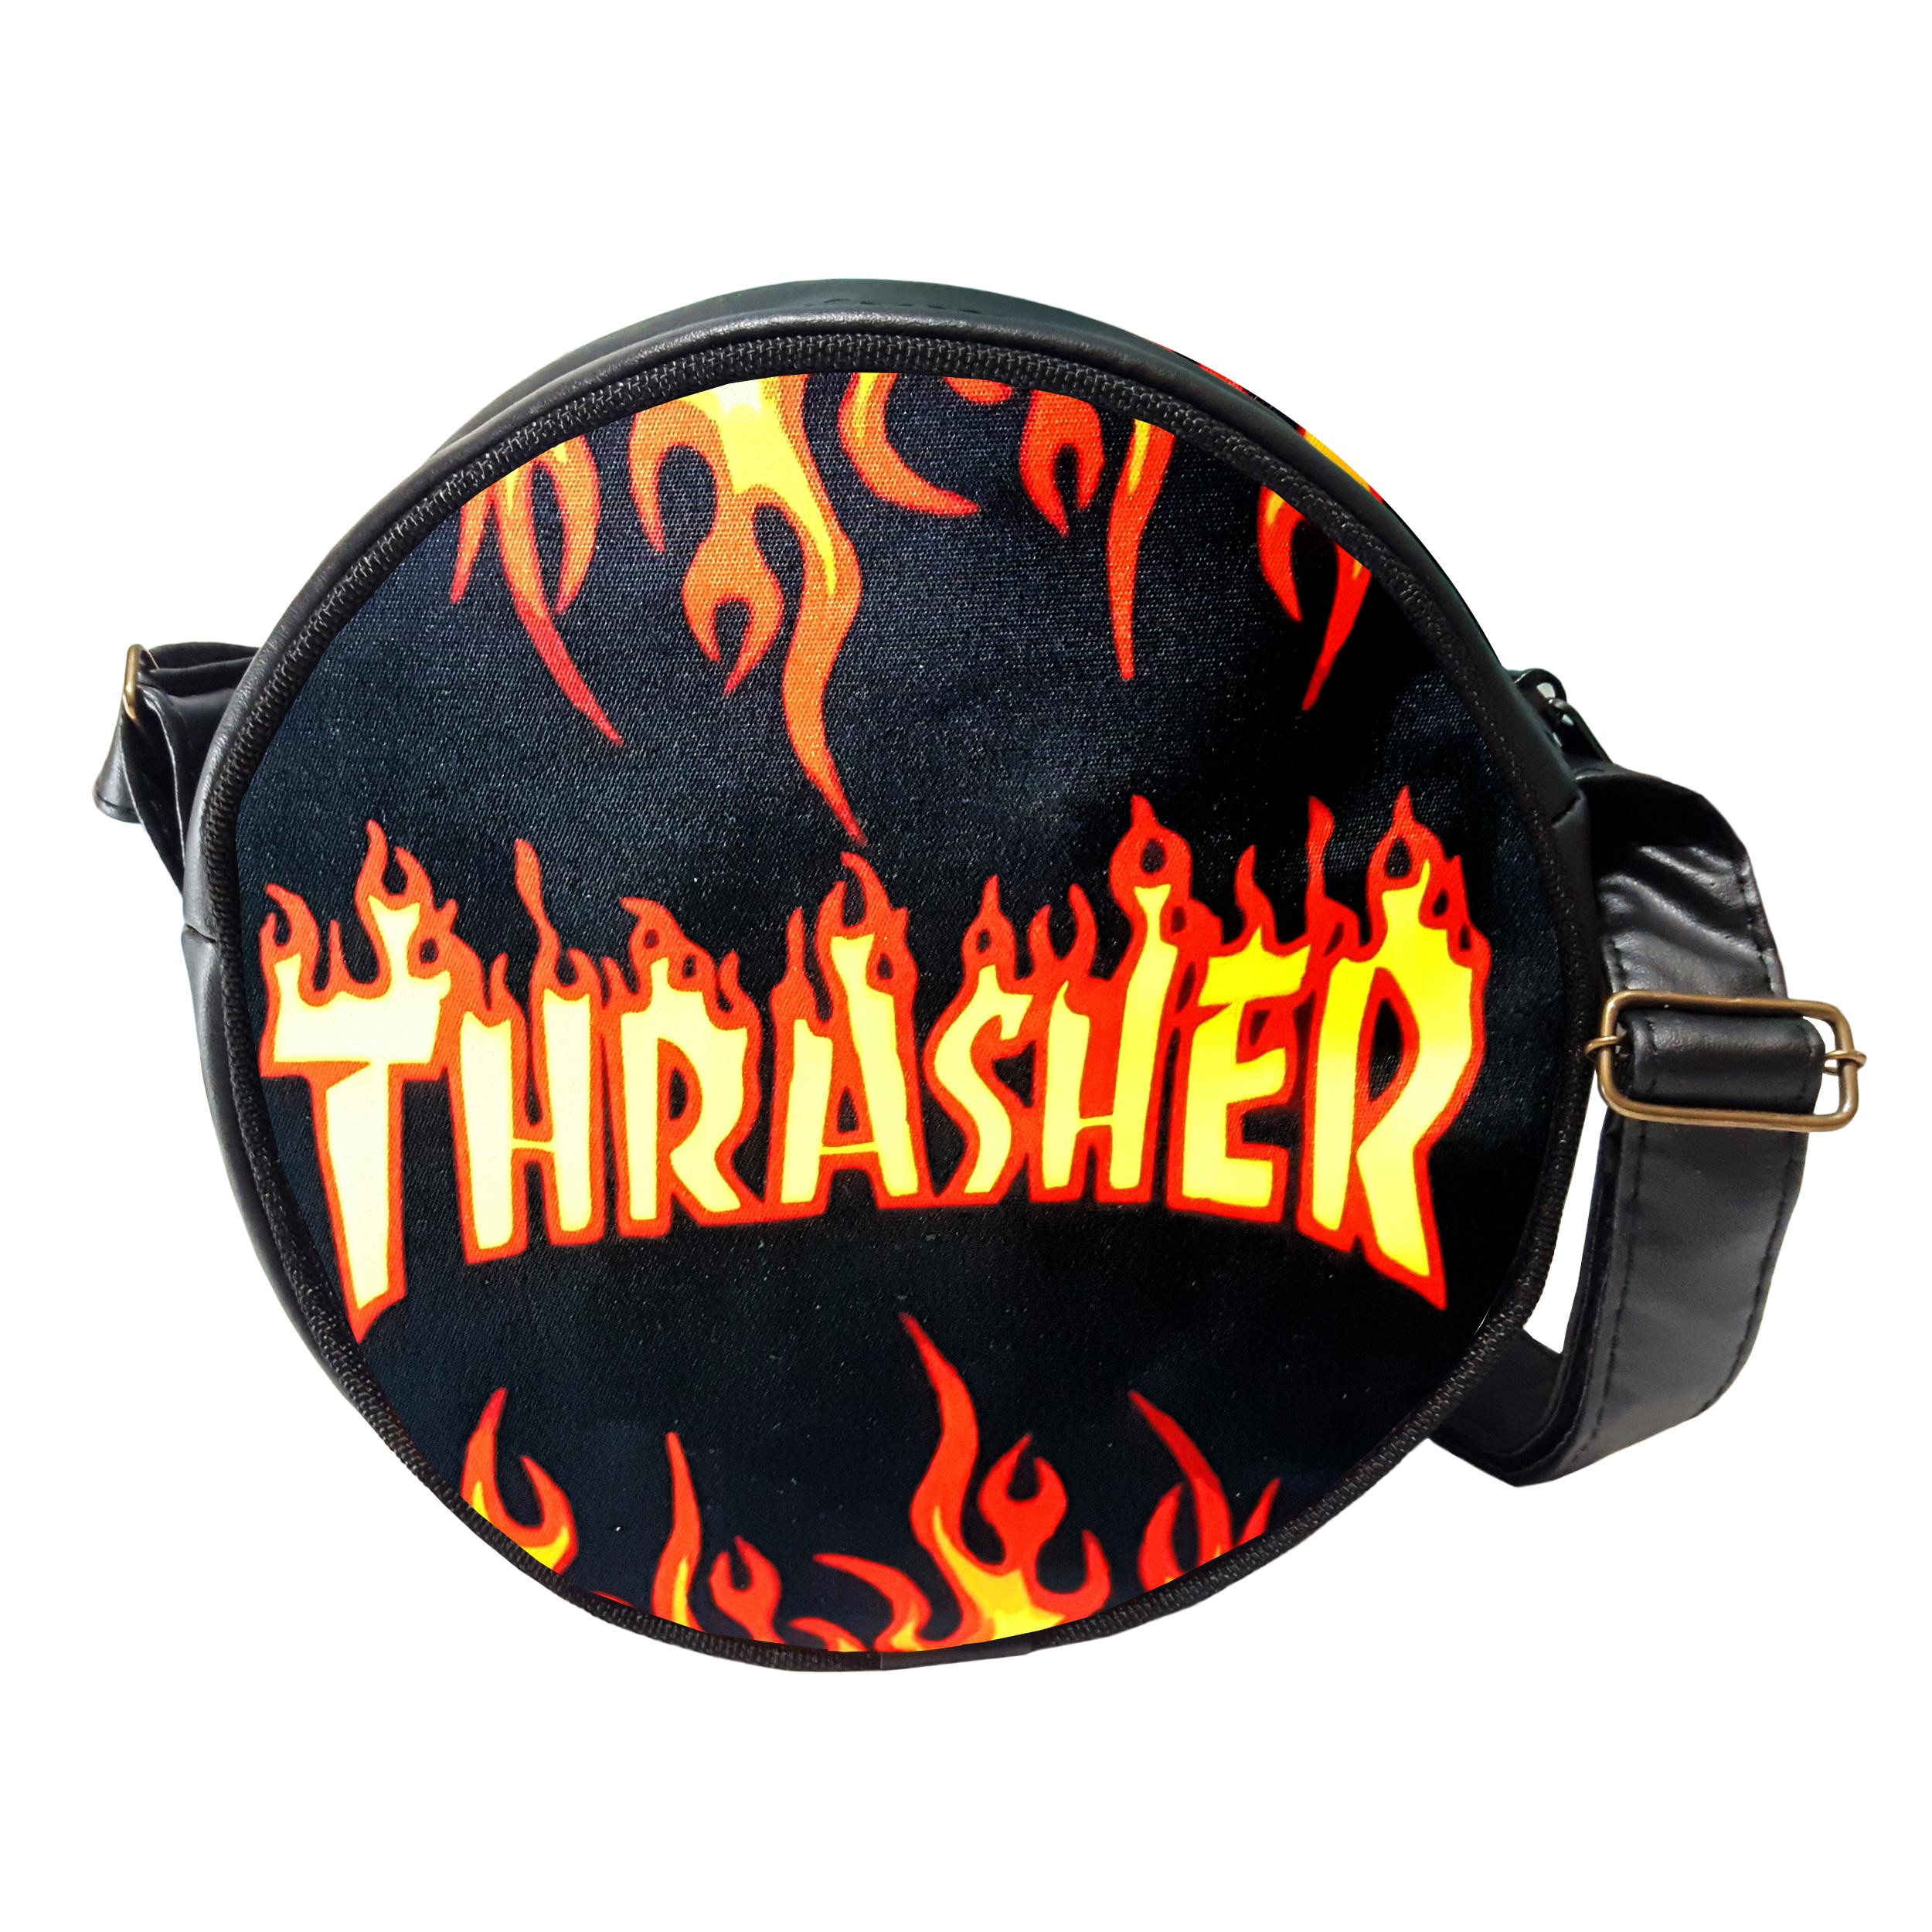 کیف دوشی طرح thrasher کد KDG-14